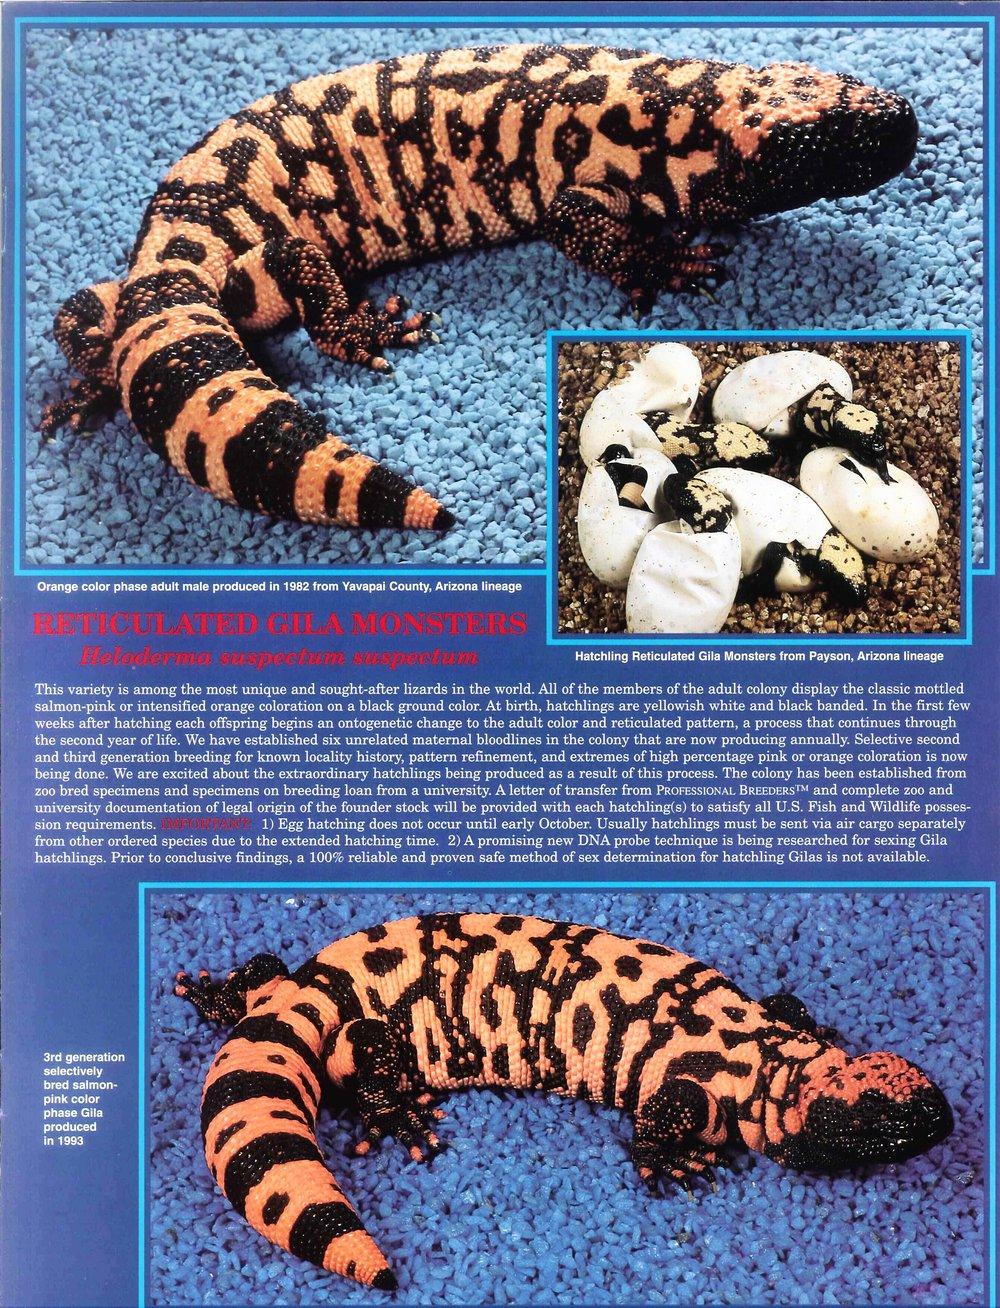 Professional Breeders Brochure_3.jpg